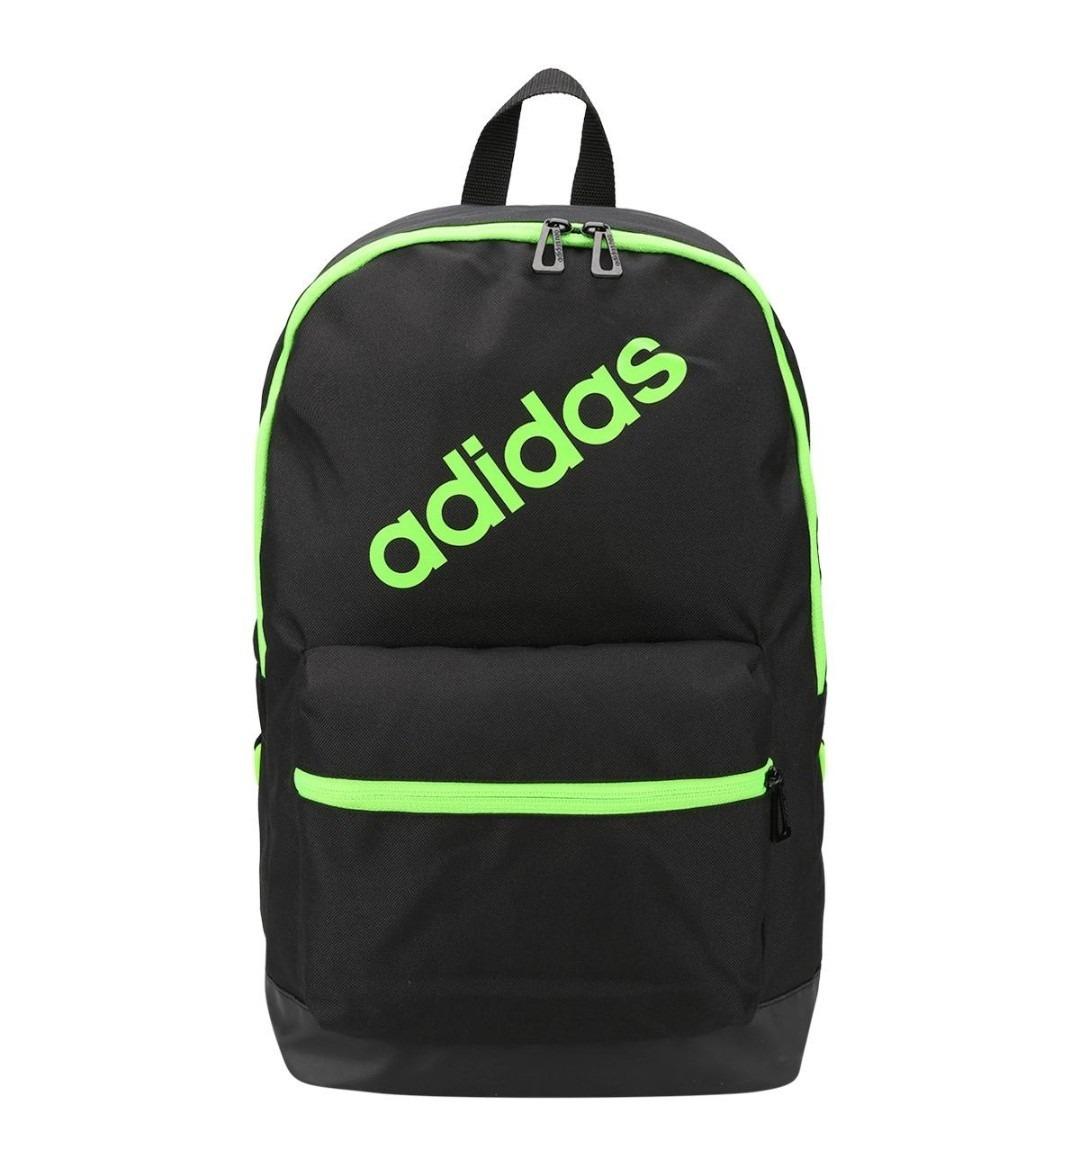 2dd1d4600 mochila adidas neo bp7219 daily - original volta as aulas. Carregando zoom.